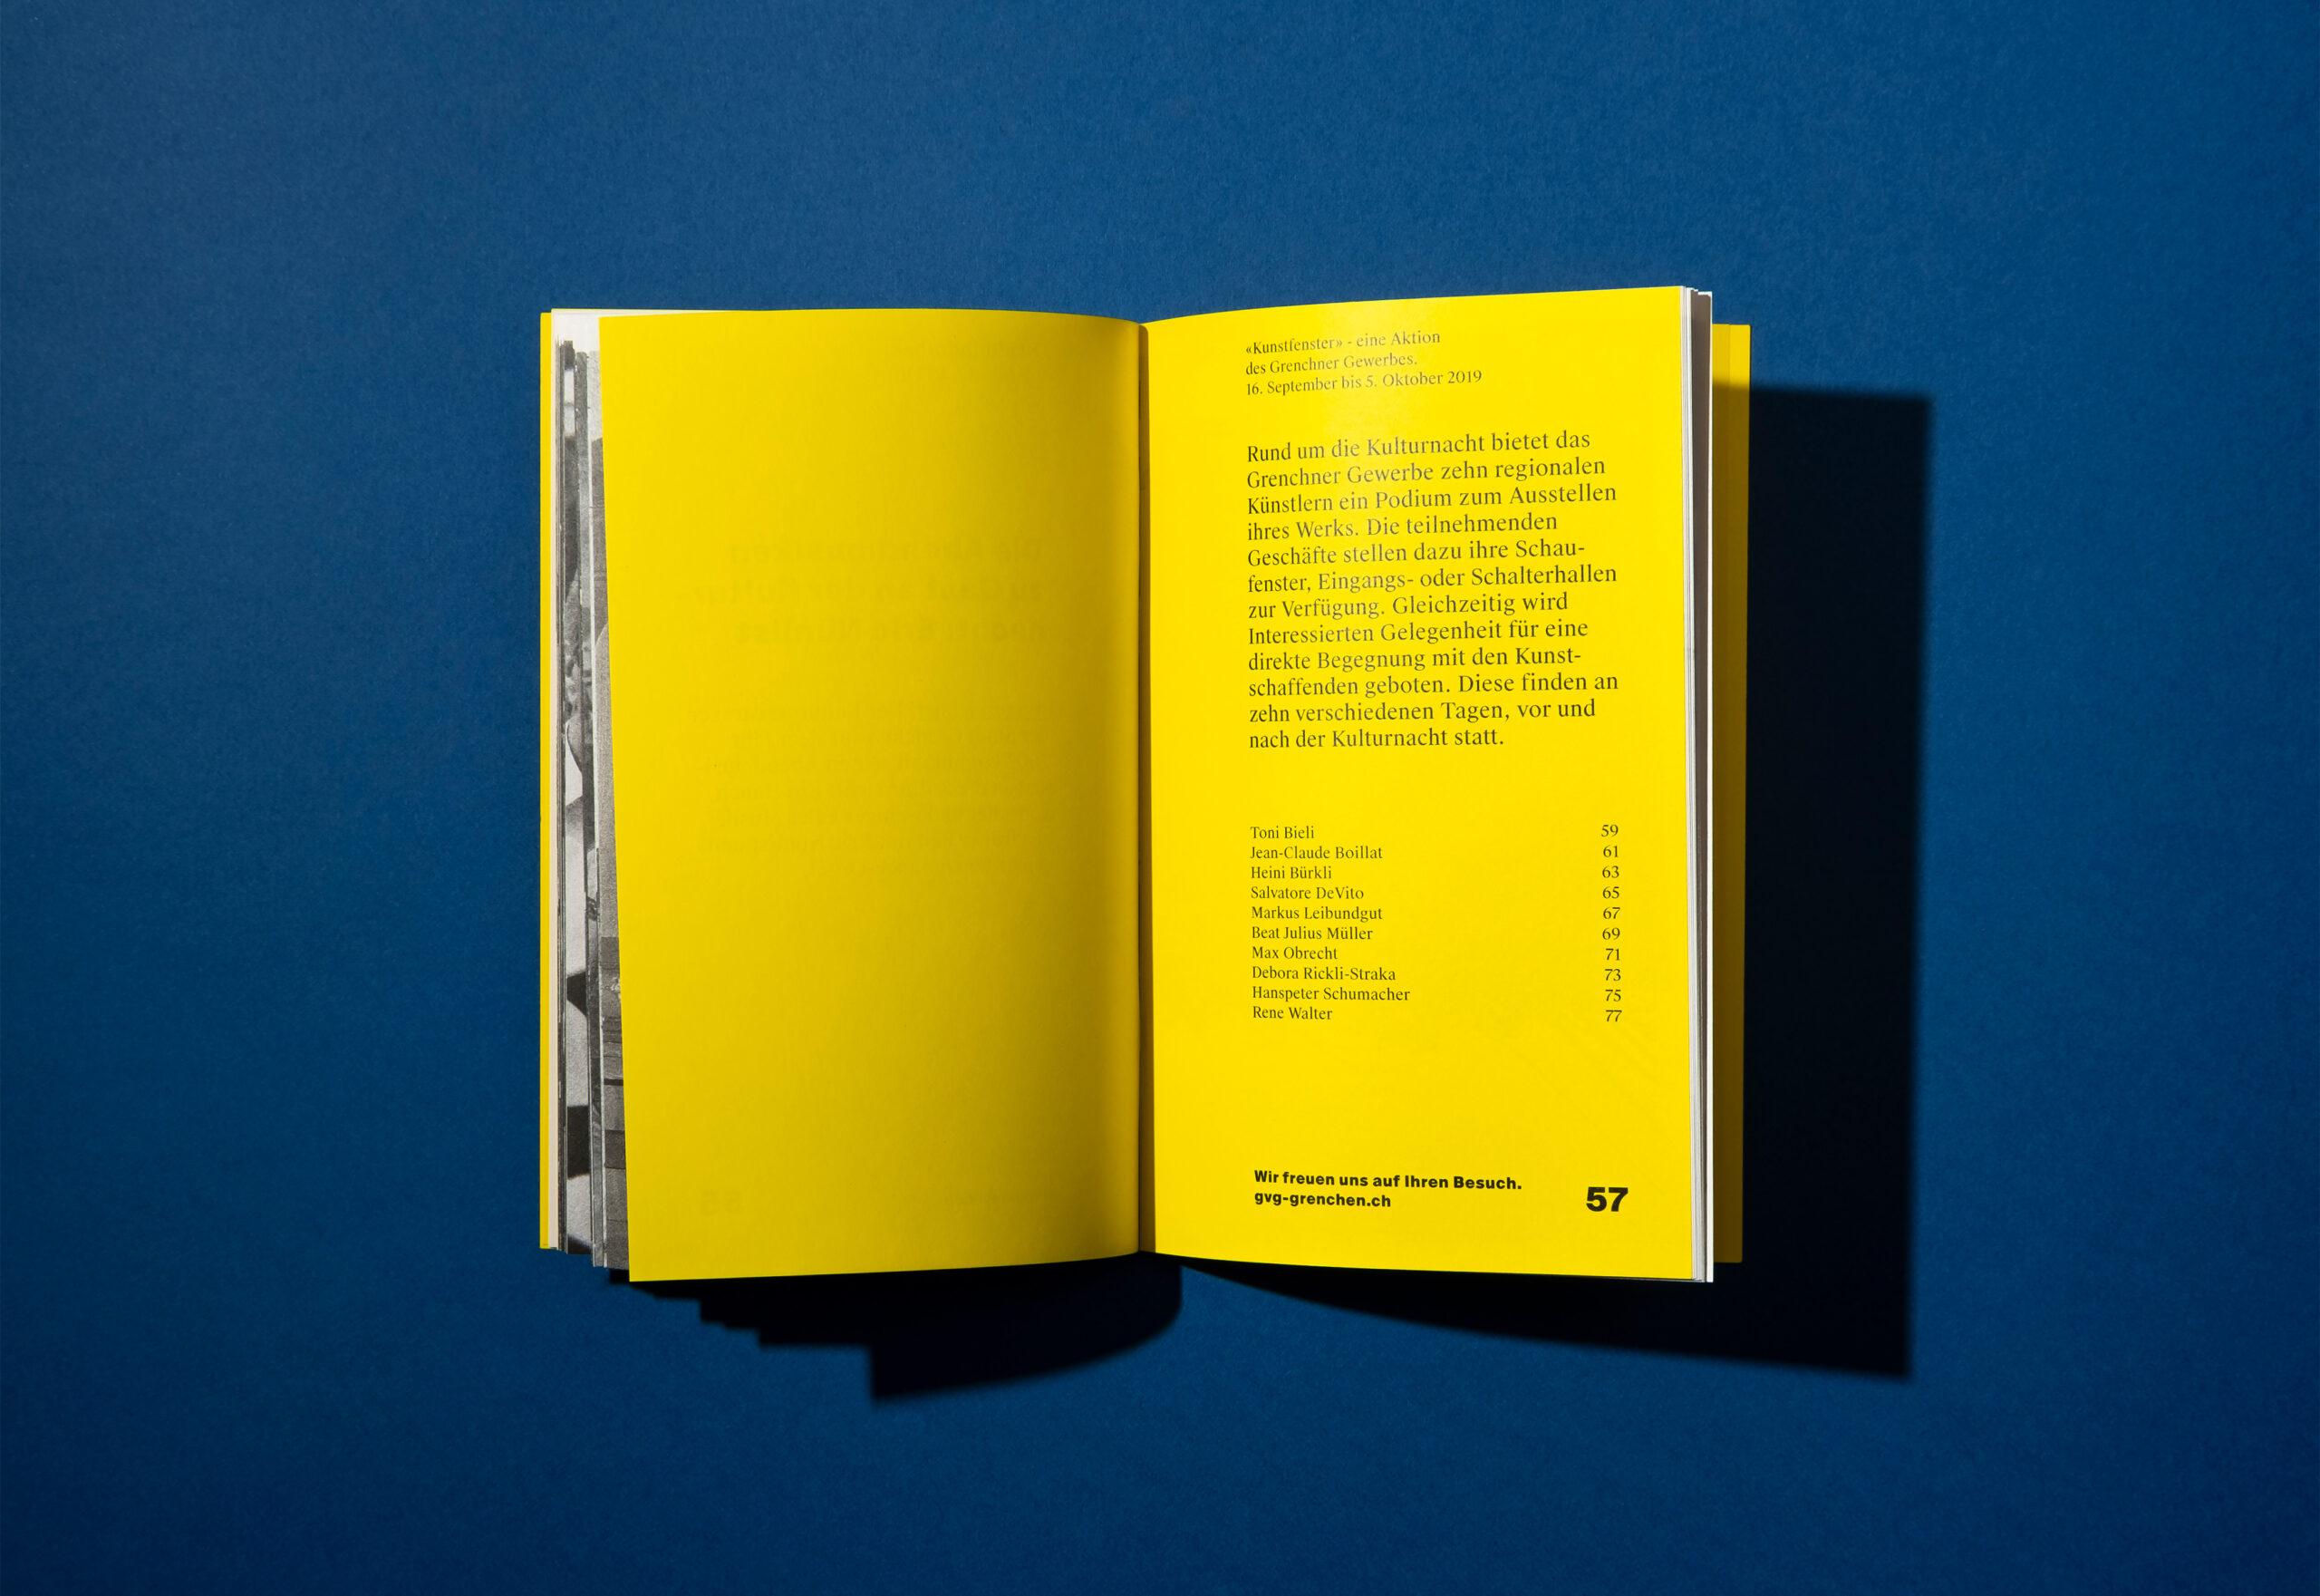 Melanie Brandel, Grafikdesign Solothurn, Bern, Branding für die Kulturnacht Grenchen, Illustration, Programmheft, Webdesign, Merchandise, Flyer